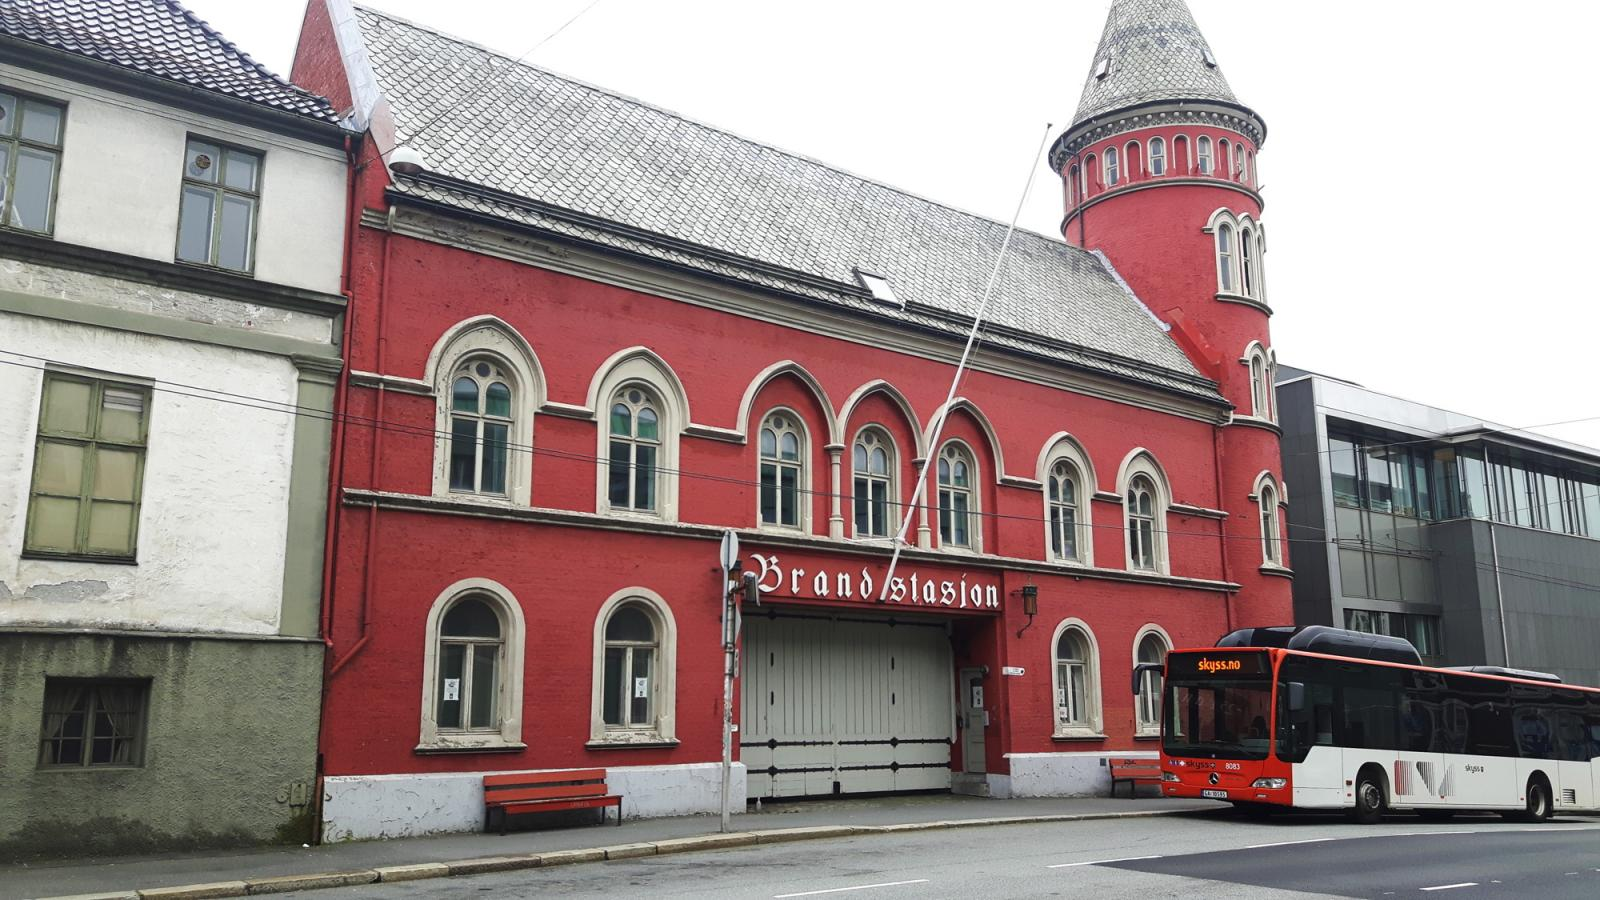 Bergen Gamle Brannstasjon Bergen Assembly 2016 venue Photo: Linn Heidi Stokkedal